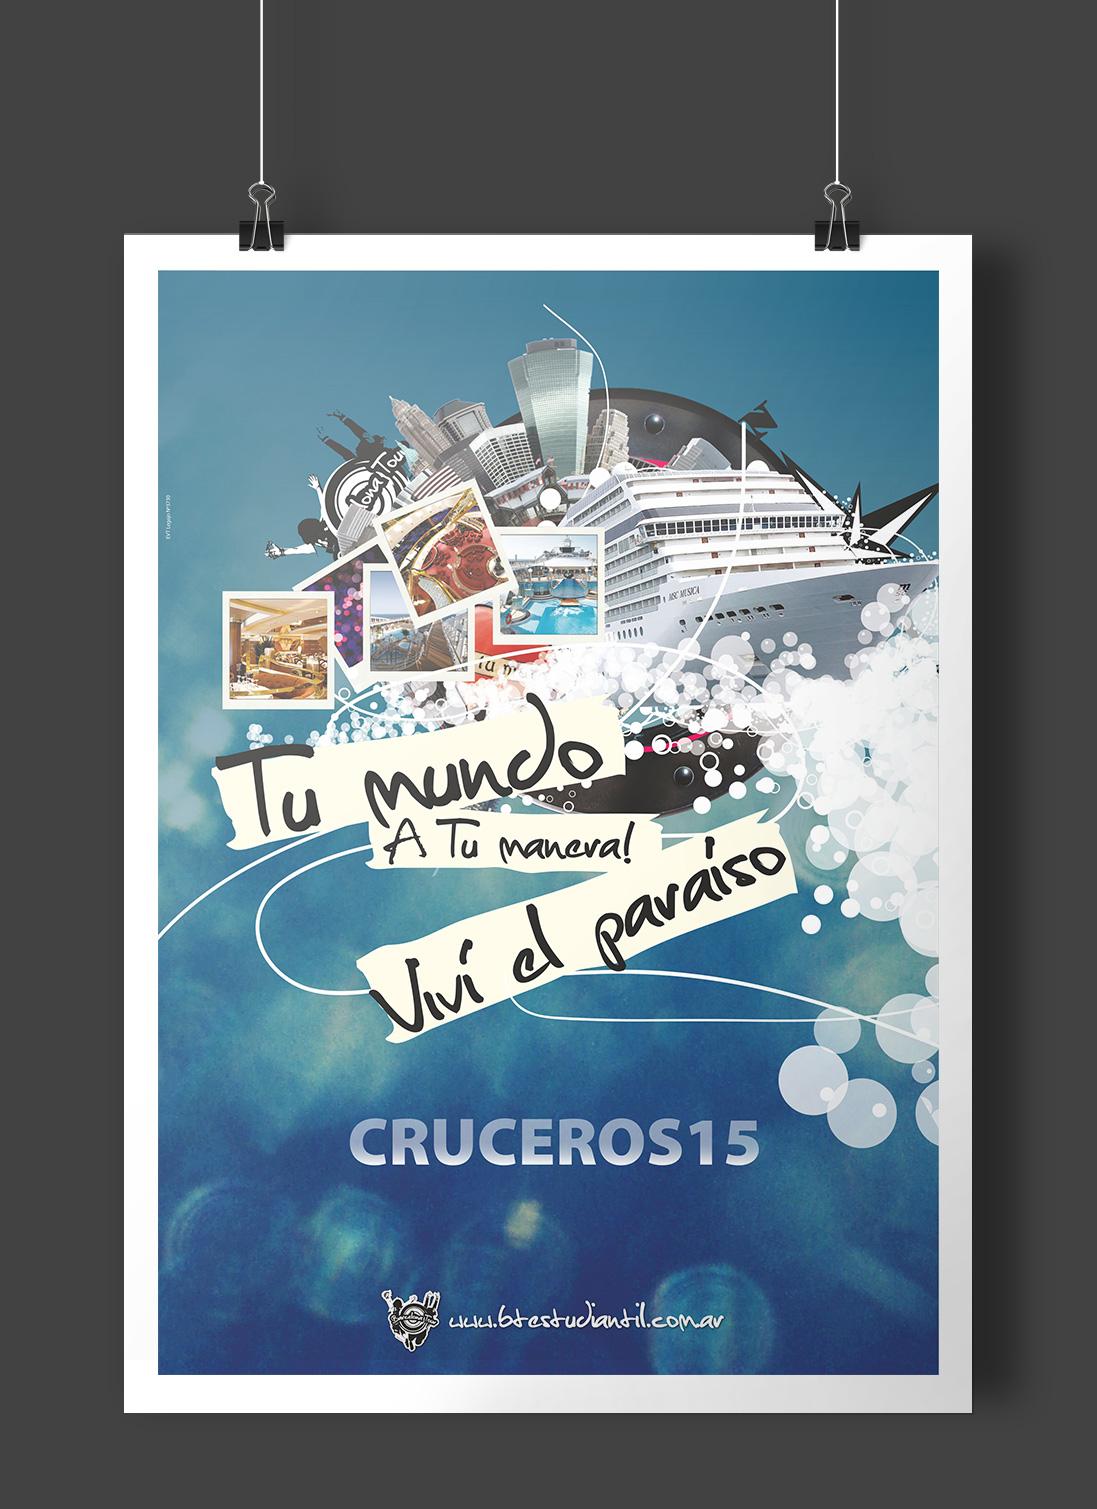 mariux-diseño-grafico-afiche2